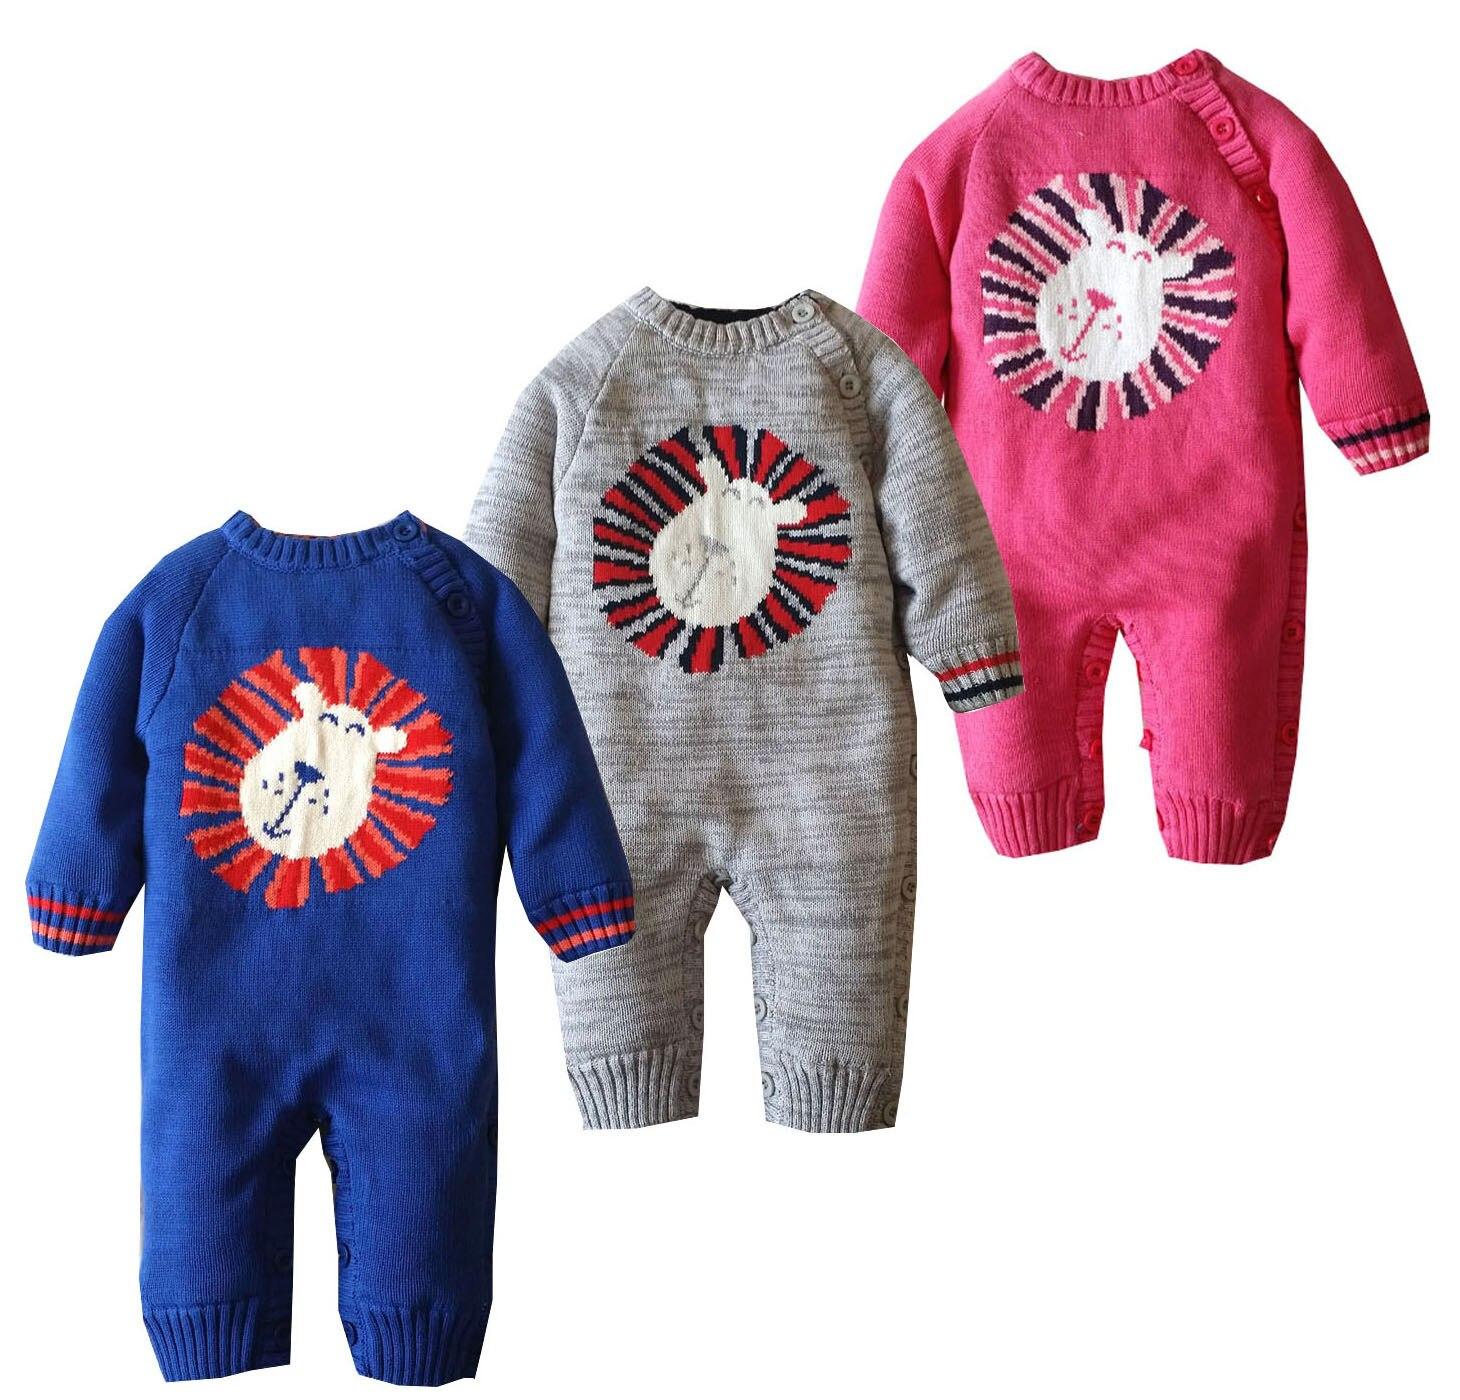 Bébé plus velours coton épaissi barboteuse bébé Onesies vêtements garçon fille tricoté pull combinaison enfant bambin vêtements d'extérieur